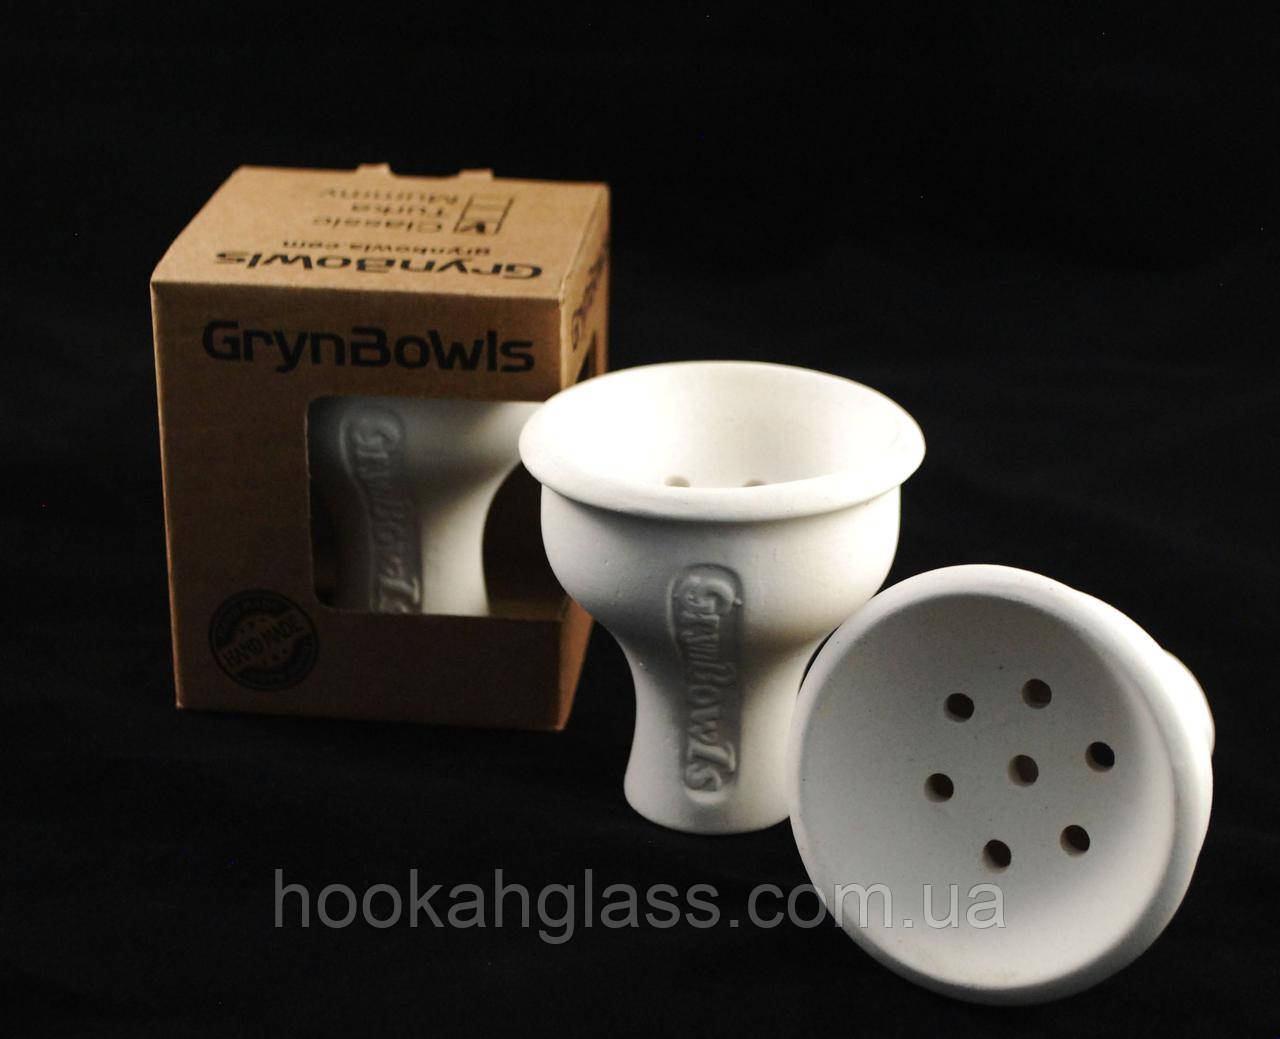 Чаша для кальяна GrynBowls Classic